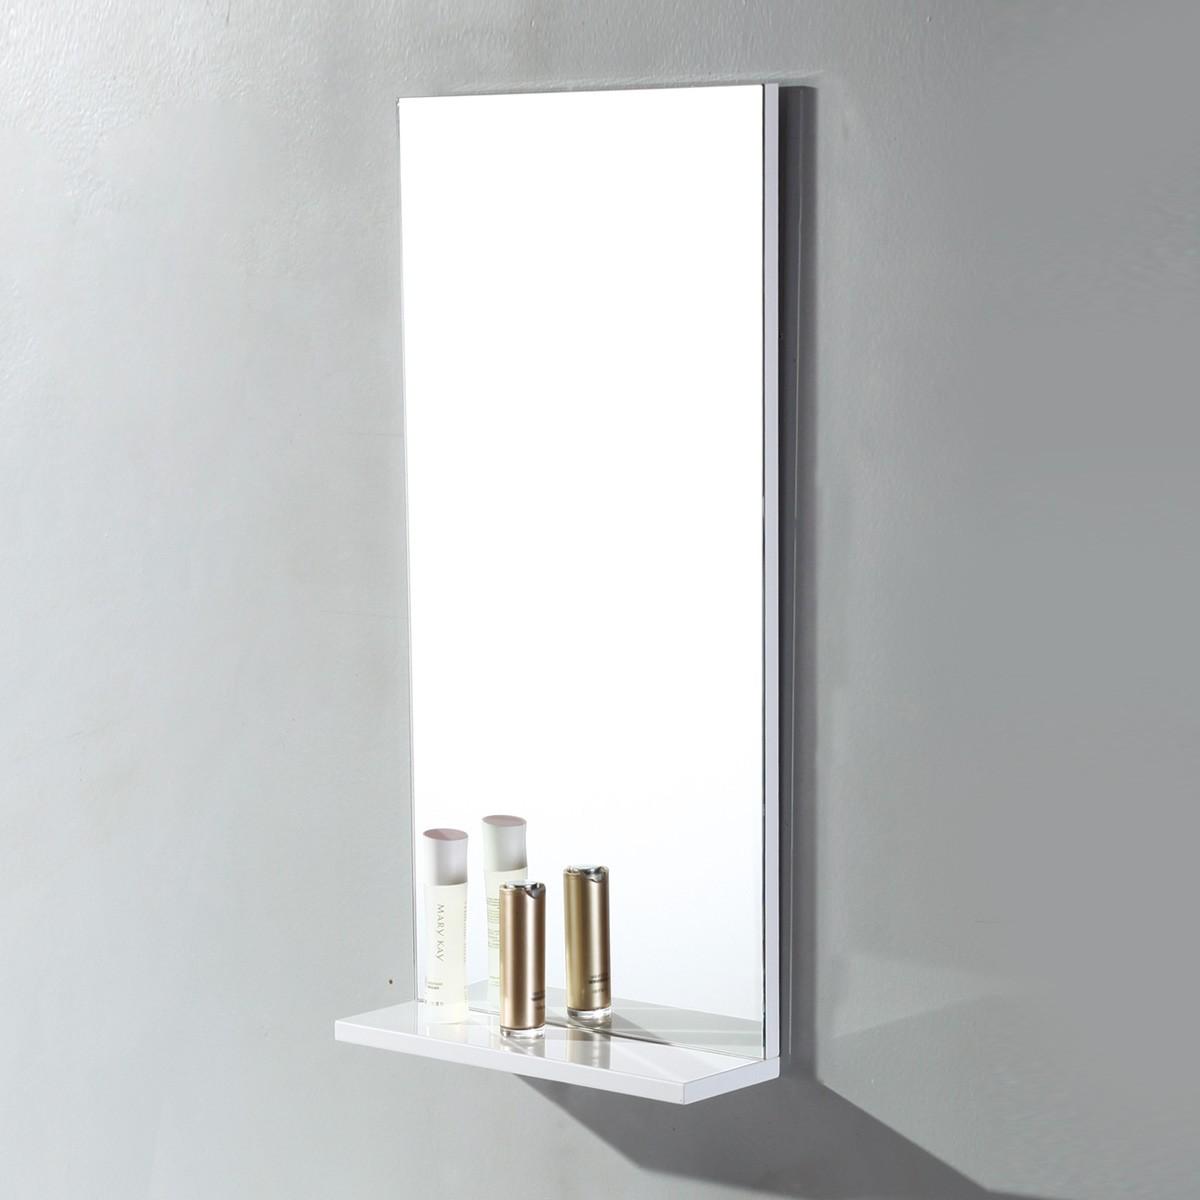 16 x 32 In. Bathroom Mirror with Shelf (MS400A-M)